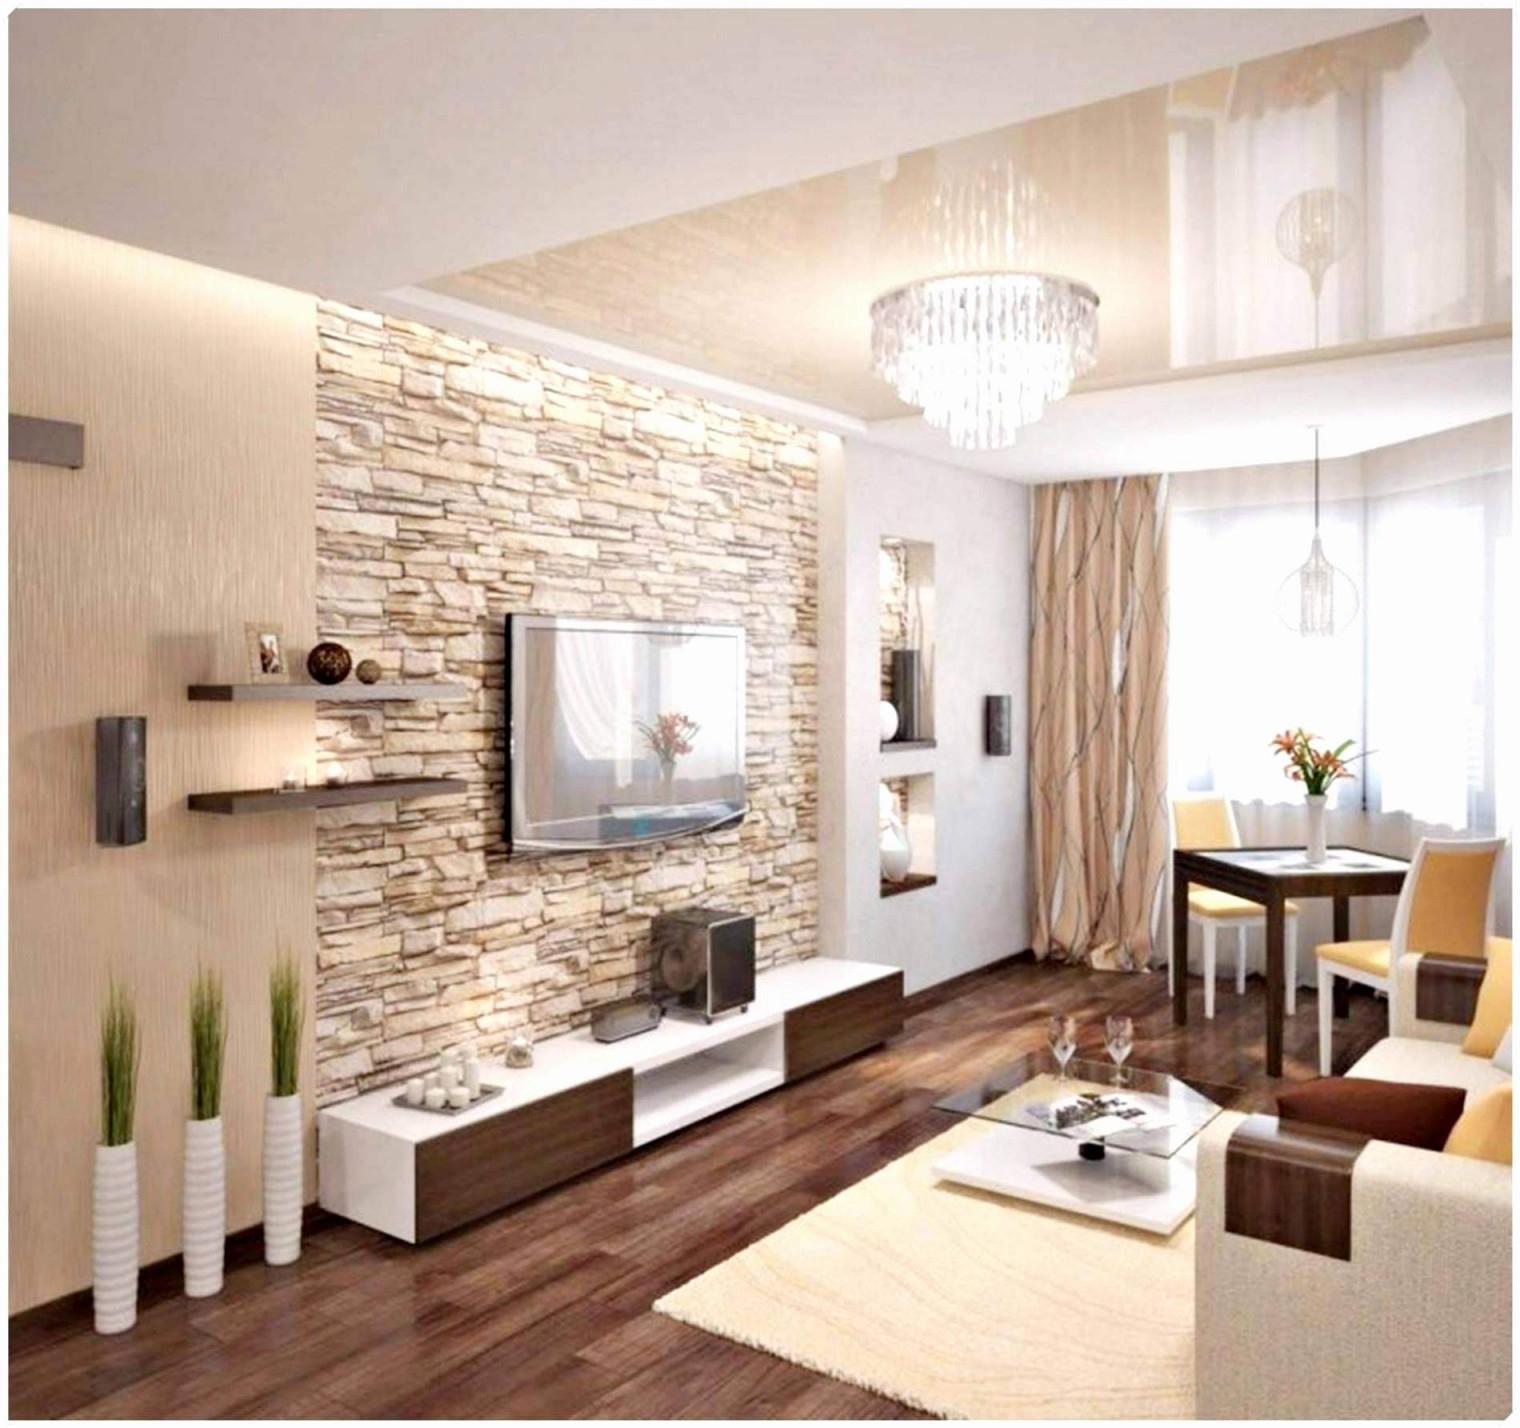 37 Neu Wohnzimmer Farben Ideen Frisch  Wohnzimmer Frisch von Wohnzimmer Wände Gestalten Farbe Bild